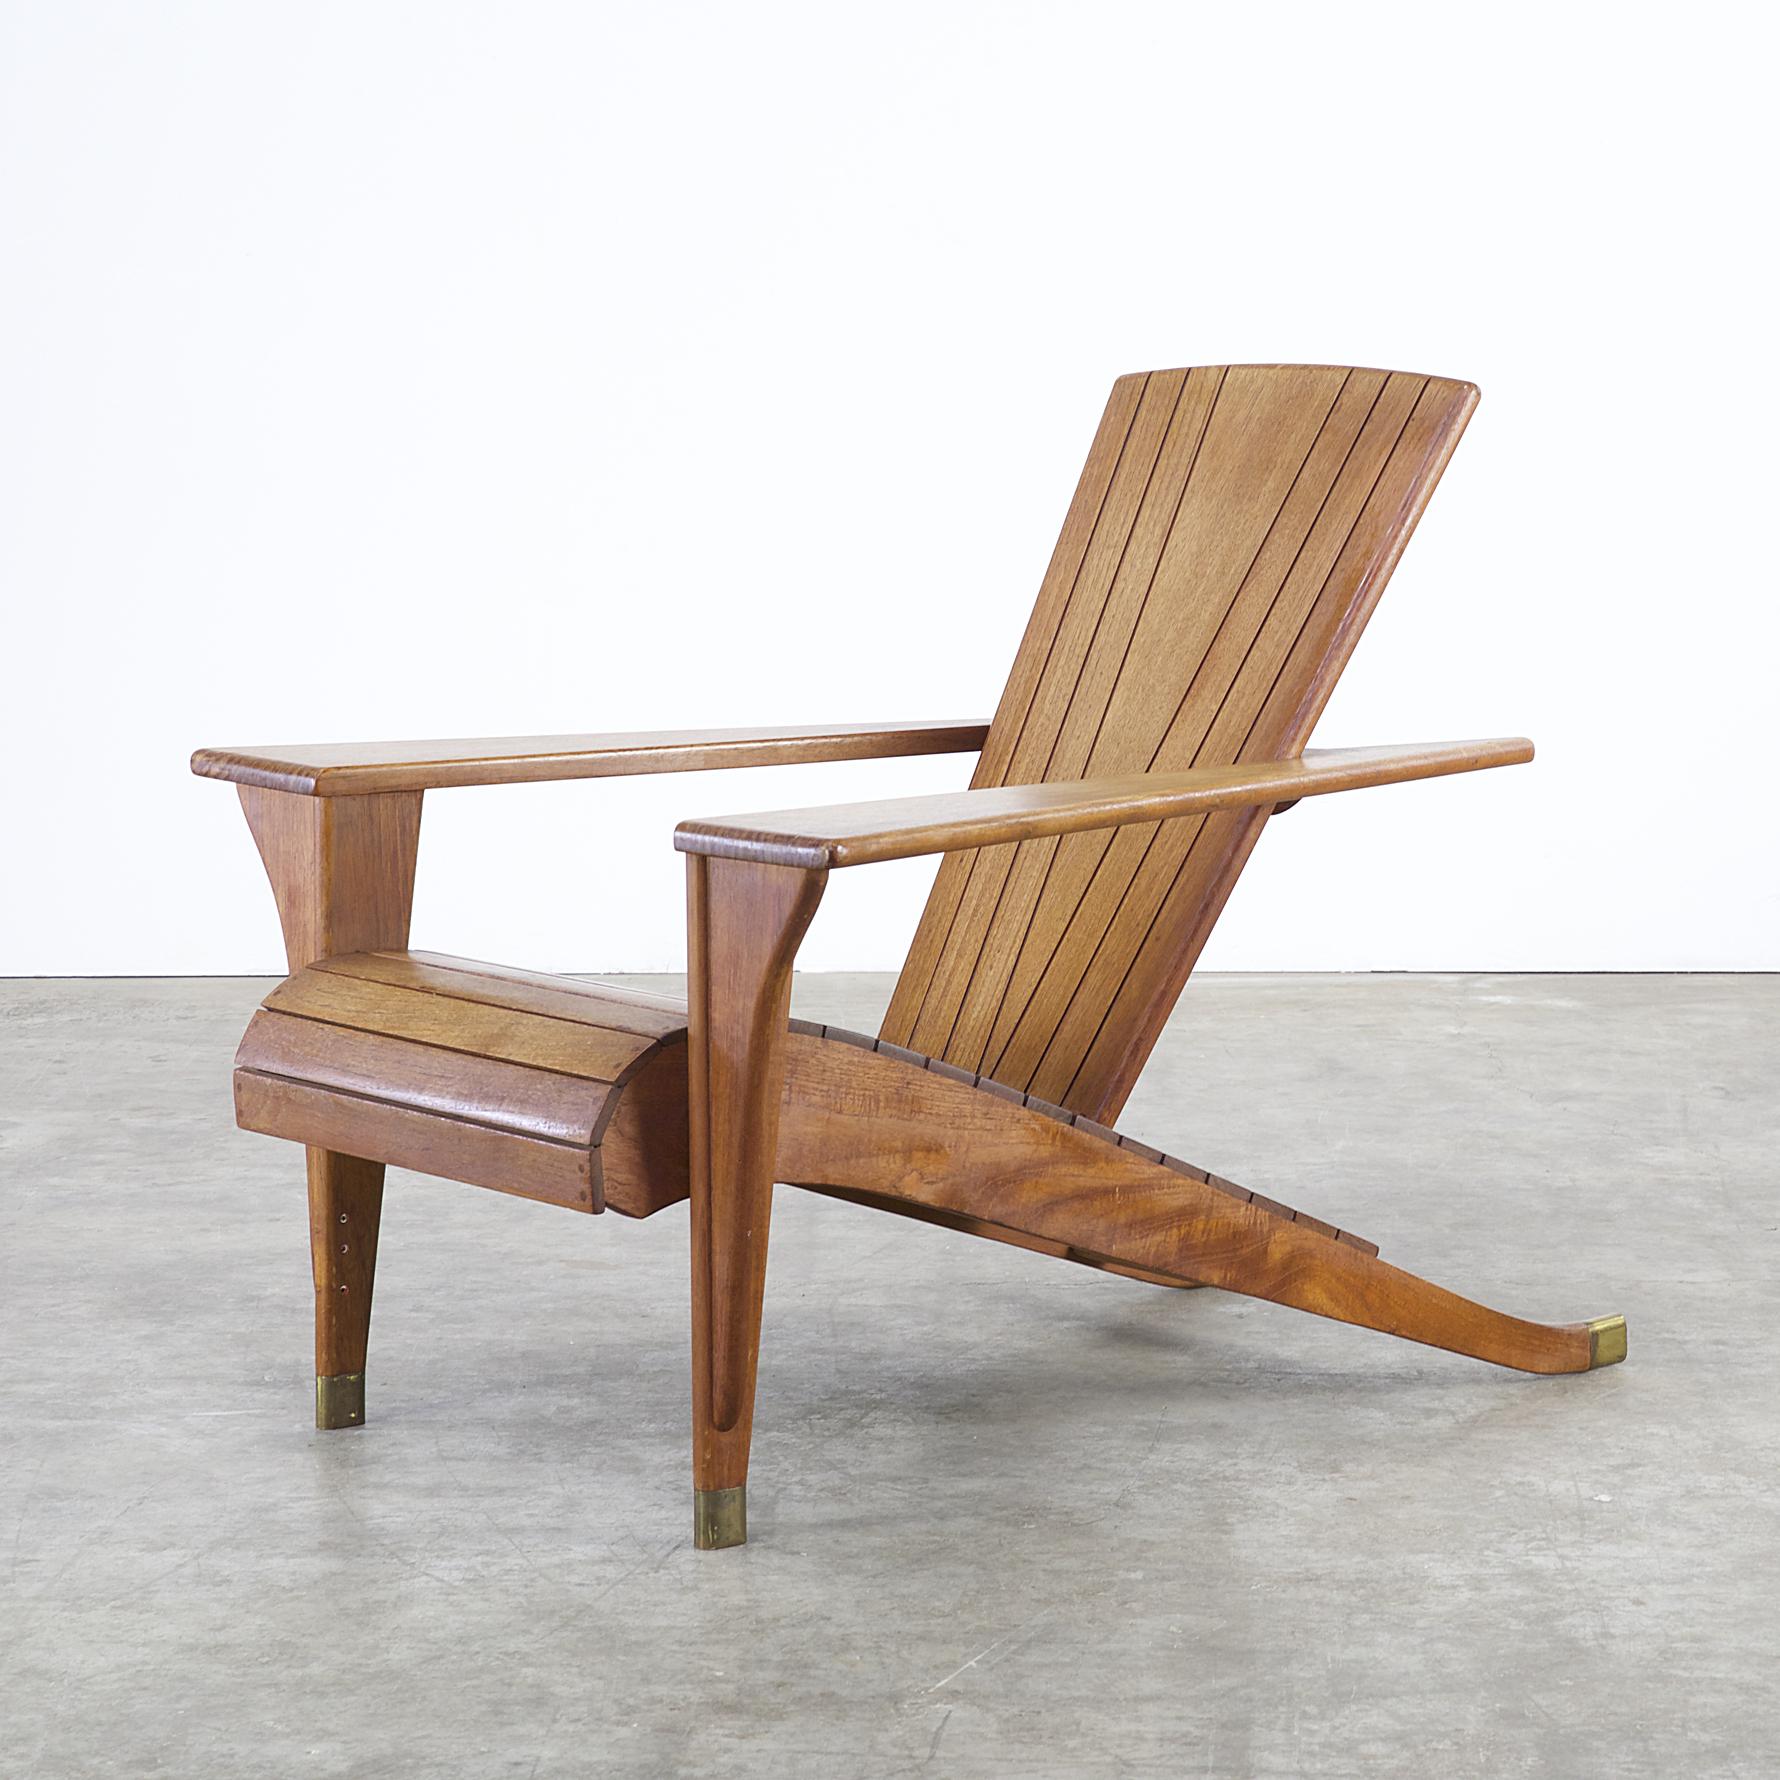 80s deck meditation chair attr klaus wettergren barbmama for 80s chair design